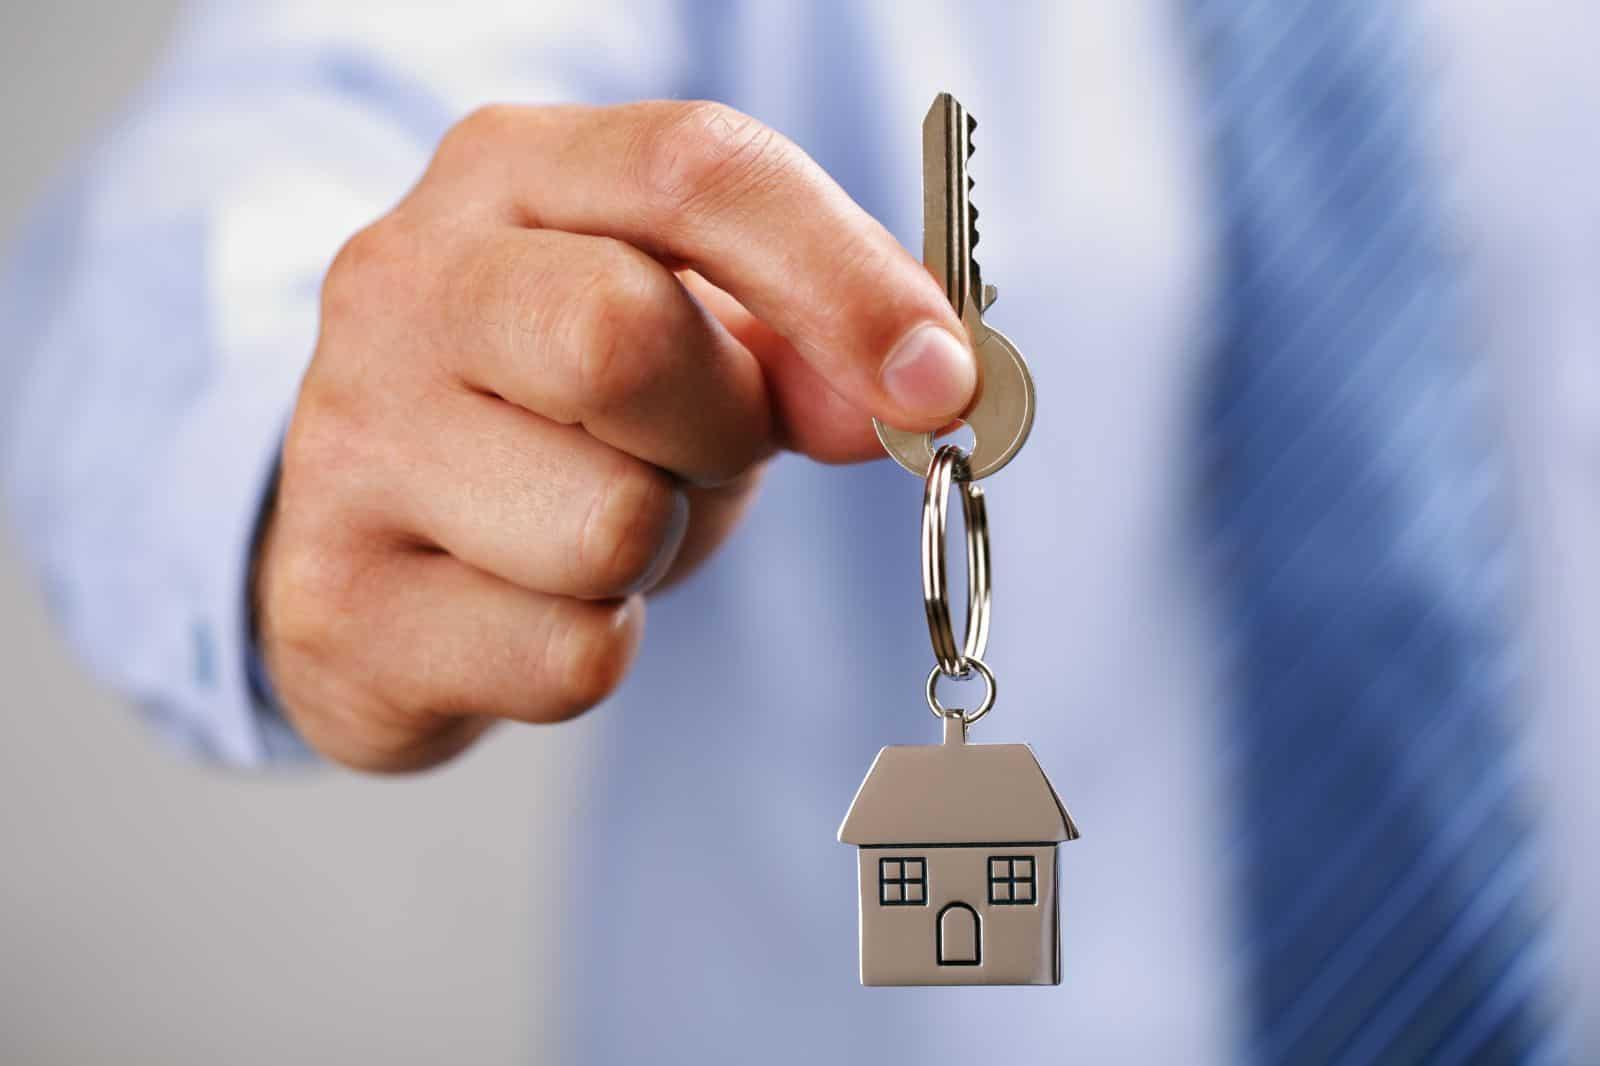 Процедура продажи доли в квартире новому собственнику